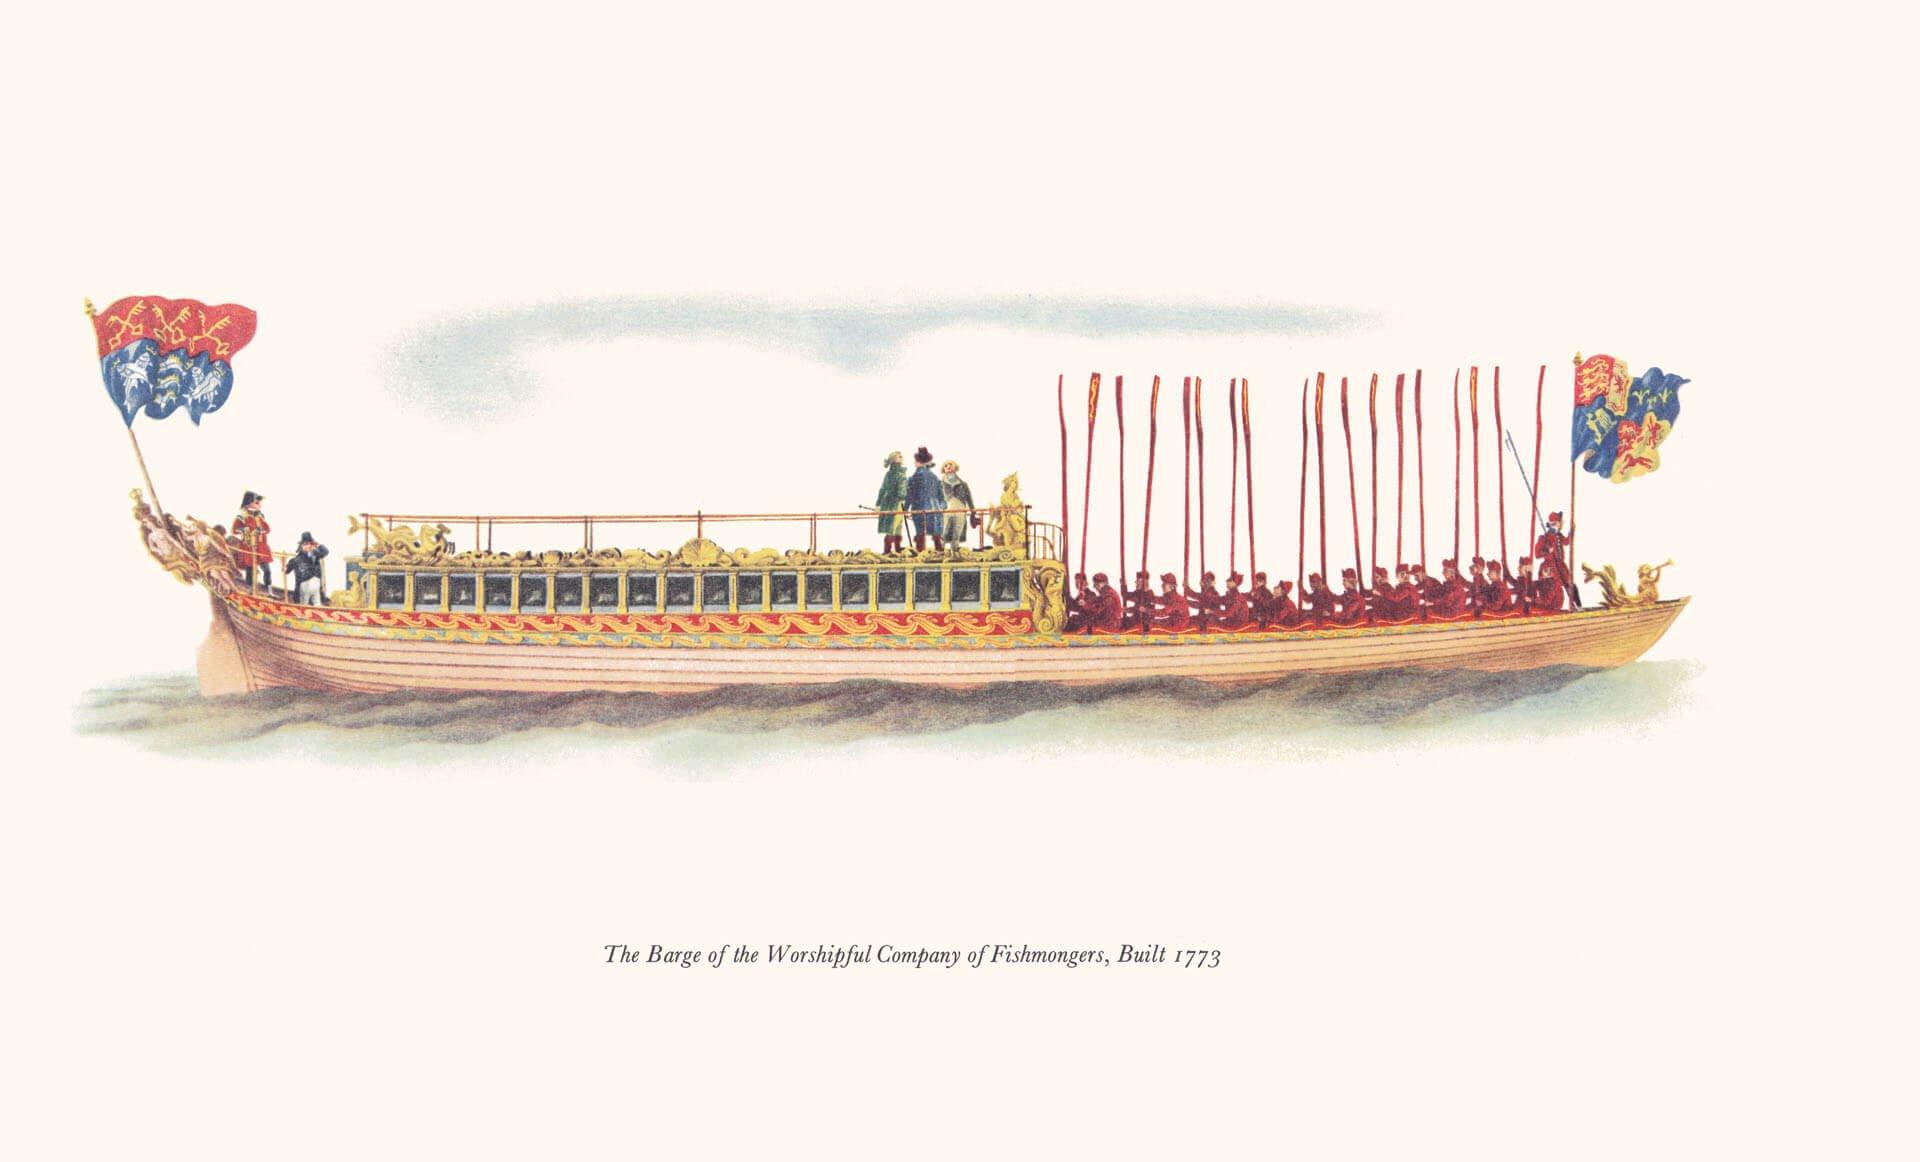 AG06 Fishmonger's Company Barge